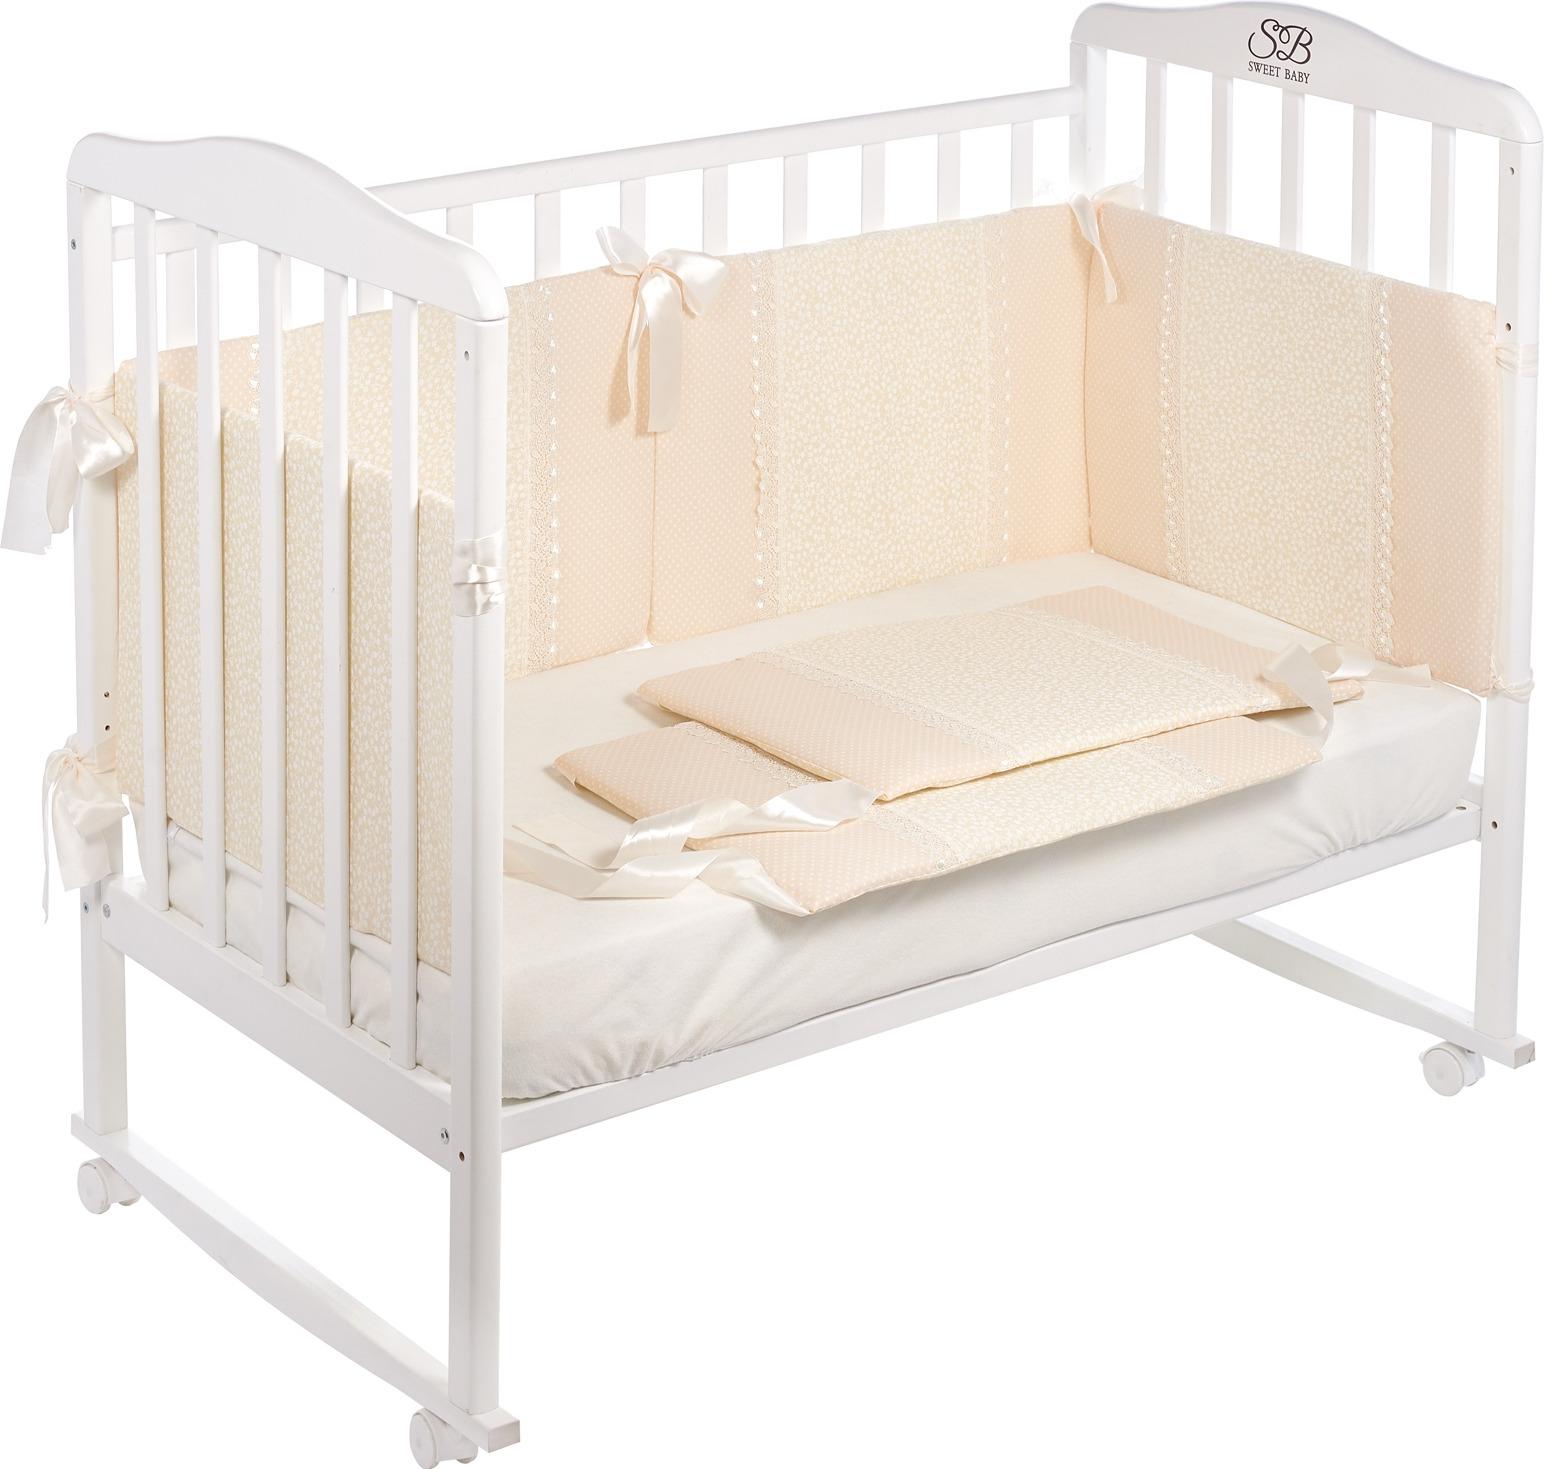 Бортики в кроватку Sweet Baby Fiore, 419051, бежевый, 6 частей комплекты в кроватку makkaroni kids sweet baby 125x65 6 предметов